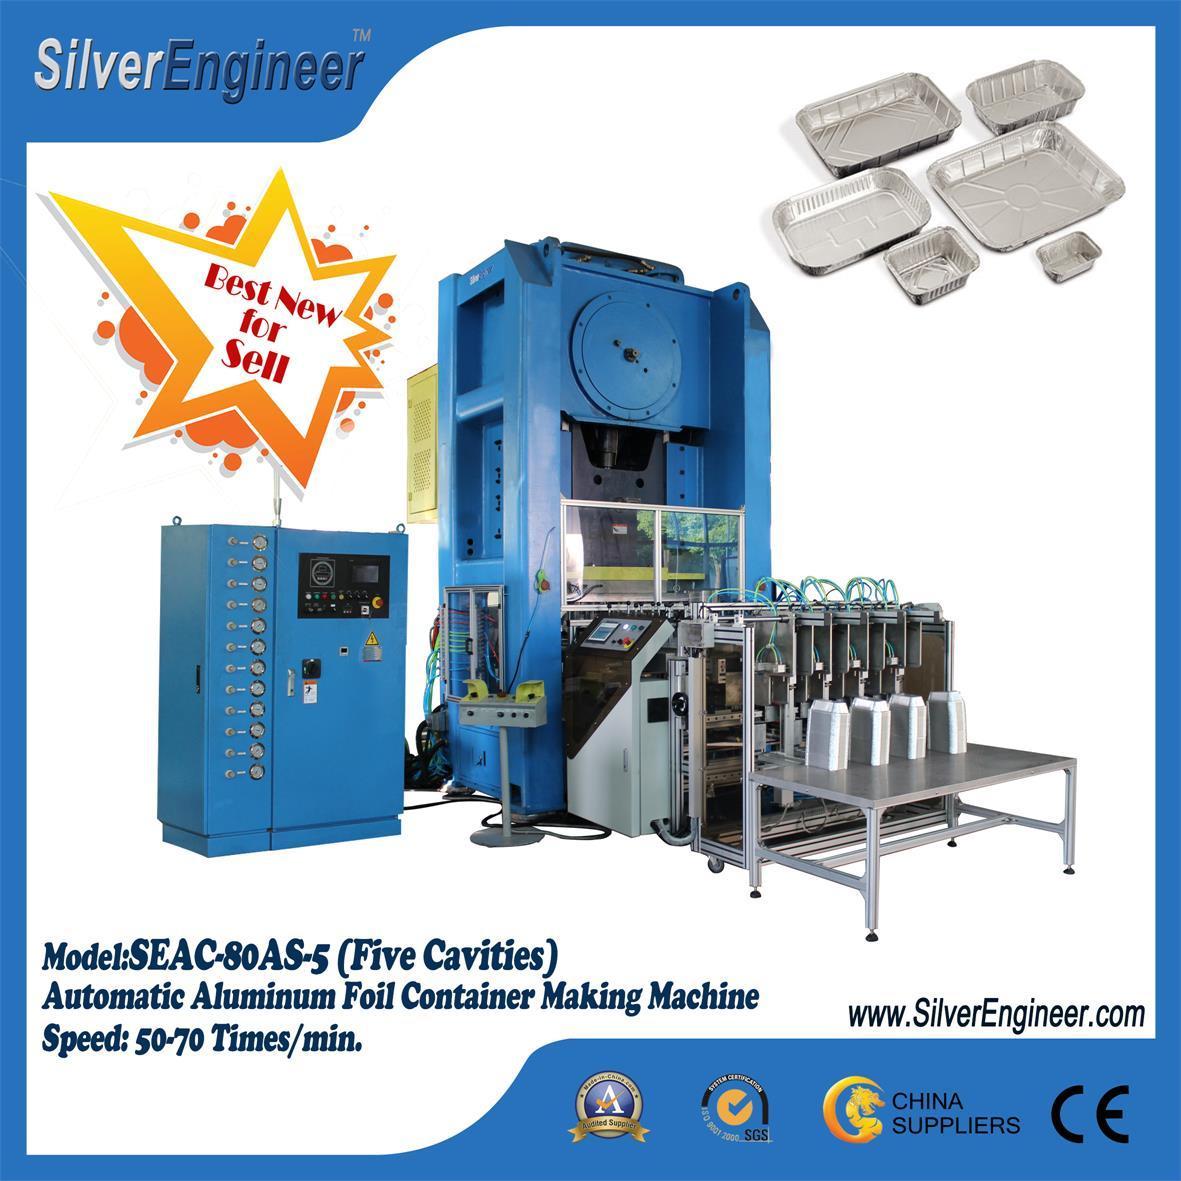 Smart Aluminium Foil Container Making Machine 110Ton 1